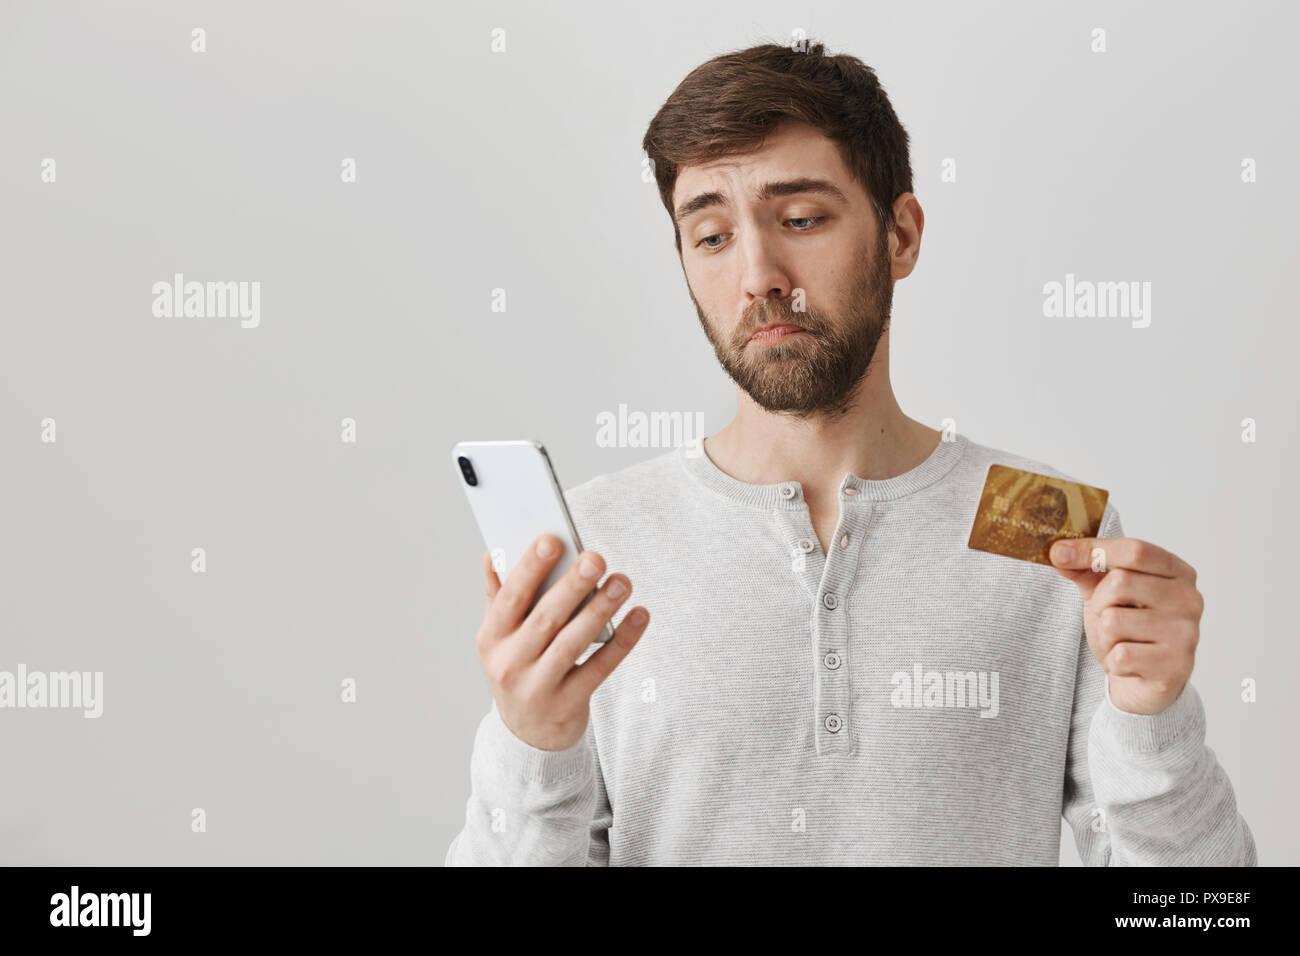 Guy se molesta encontrar no tiene dinero en la cuenta bancaria. Sombrío y triste hombre se ve en la pantalla del smartphone con lástima, mostrando a la cámara de tarjetas de crédito, de pie sobre un fondo gris. Siempre bajo presupuesto mal Imagen De Stock